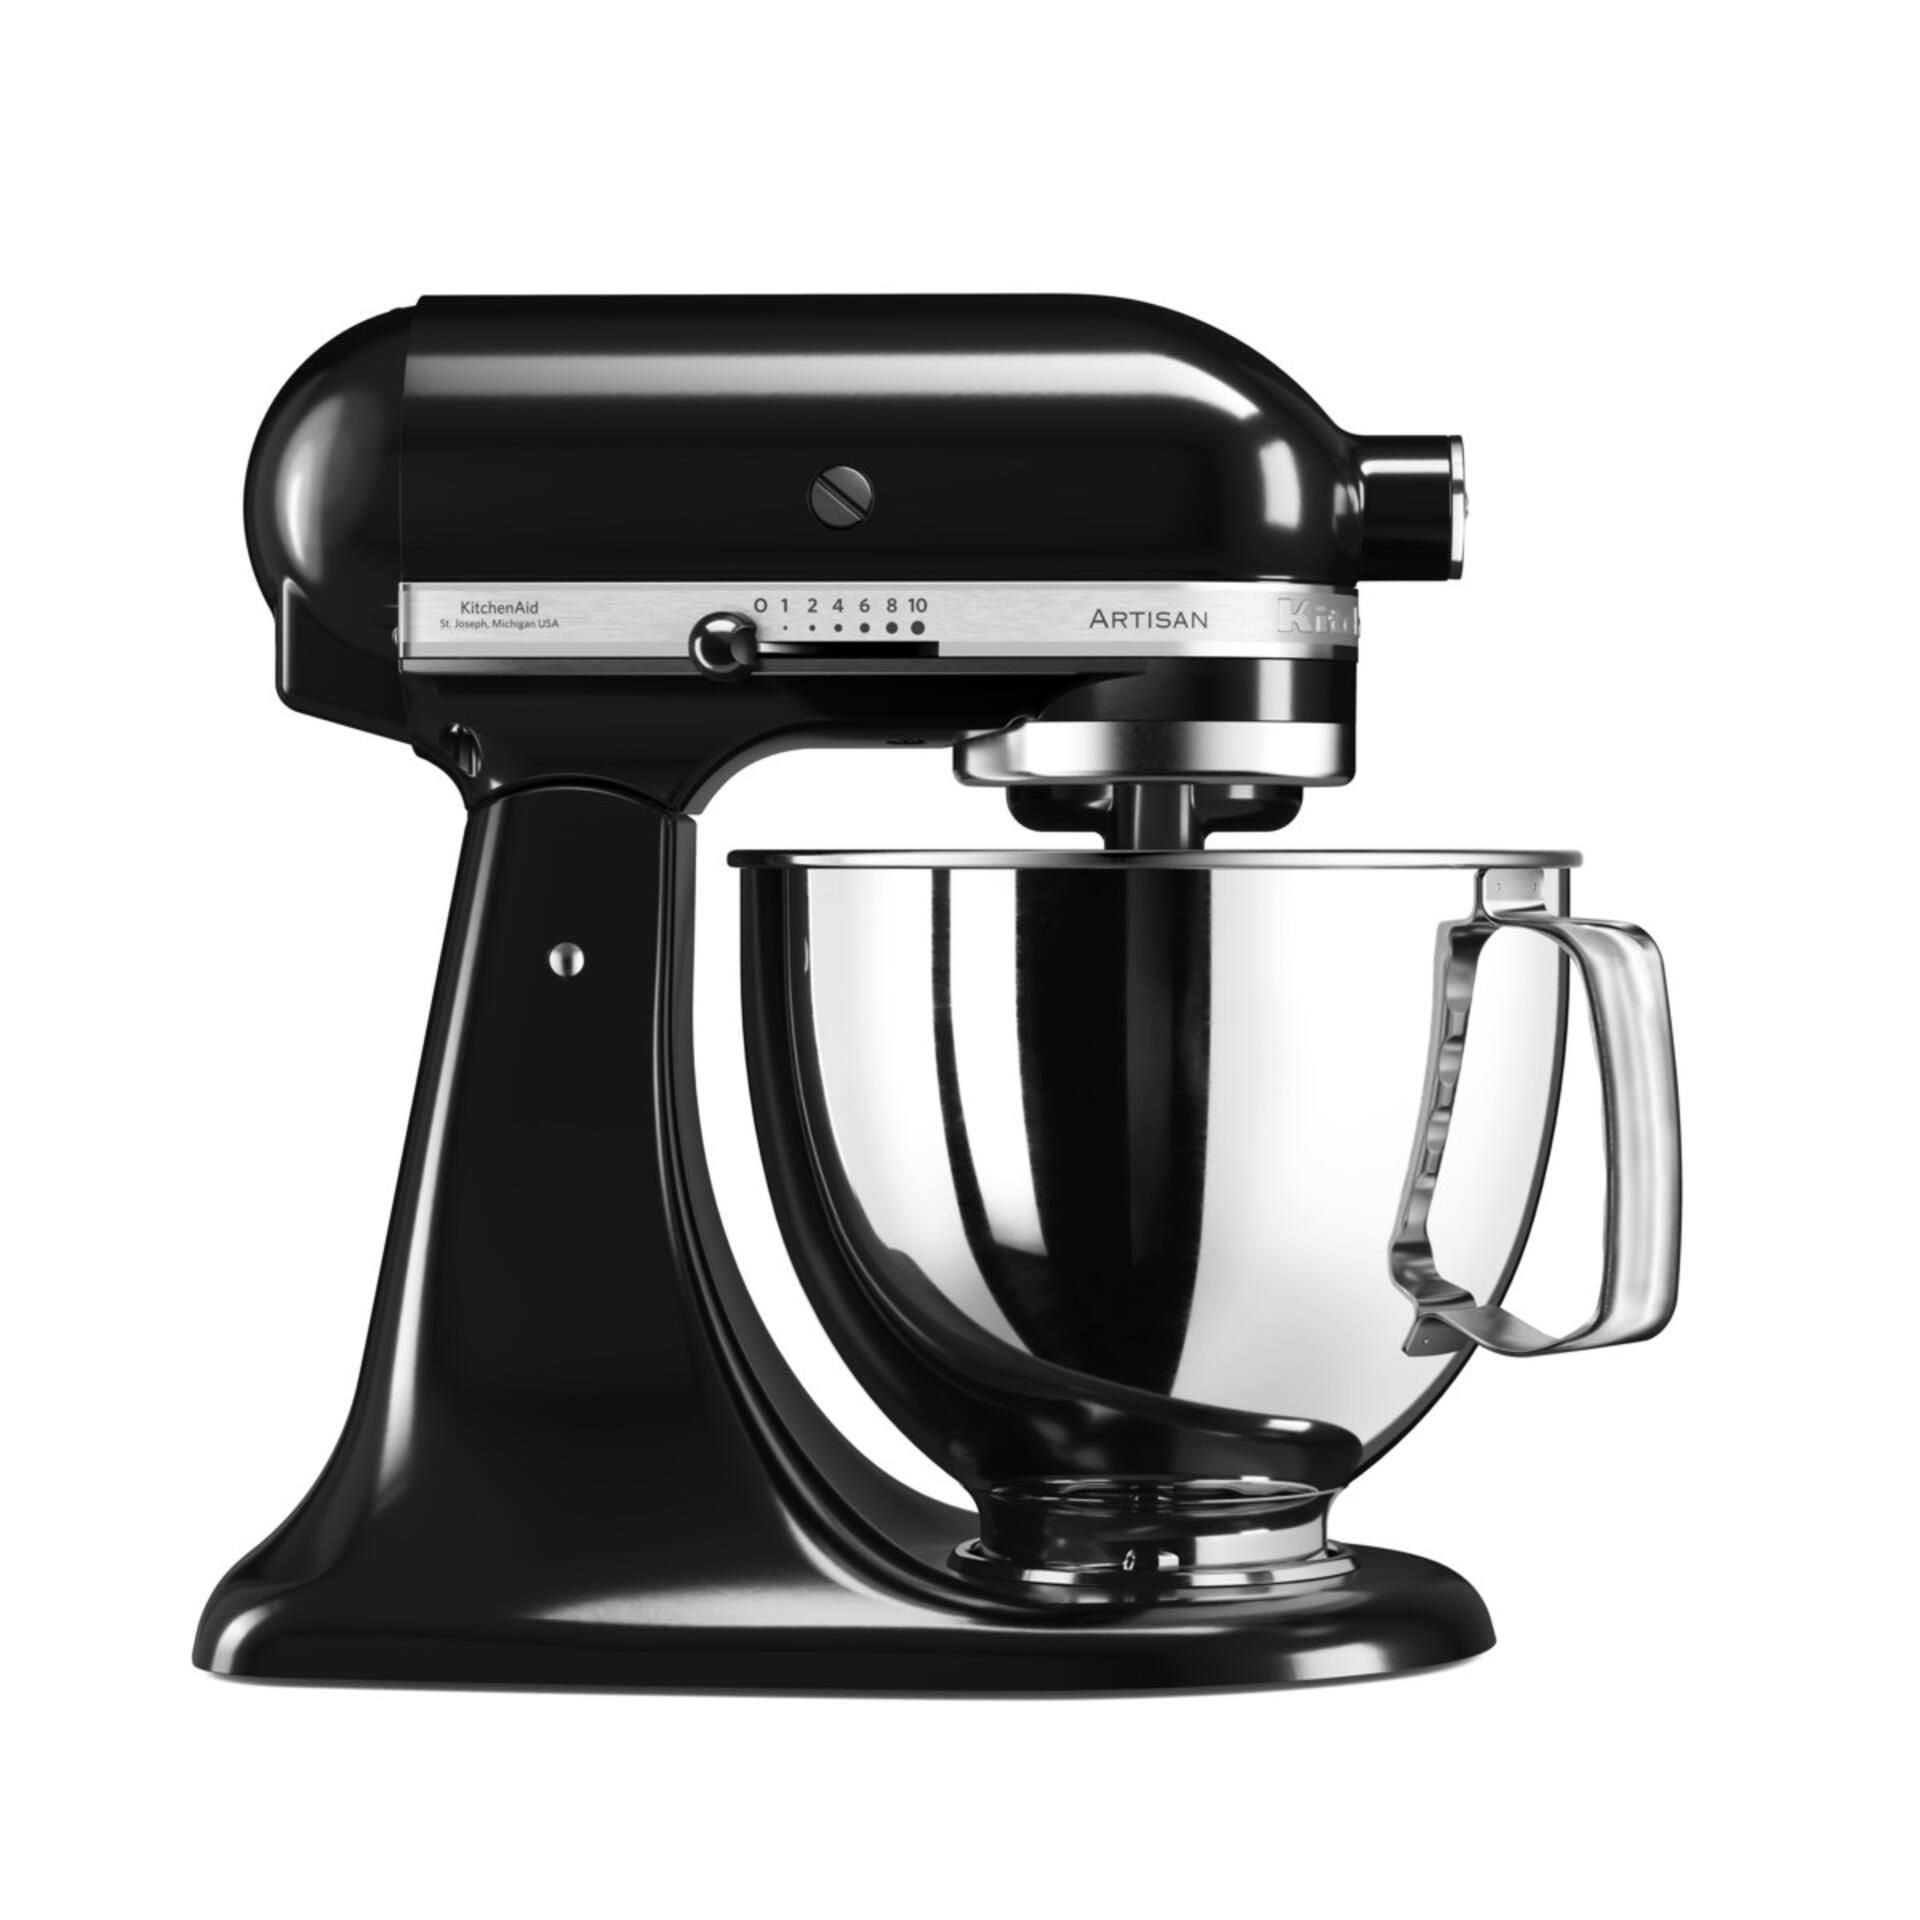 Kitchenaid Küchenmaschine Onyx Schwarz 5KSM175PSEOB